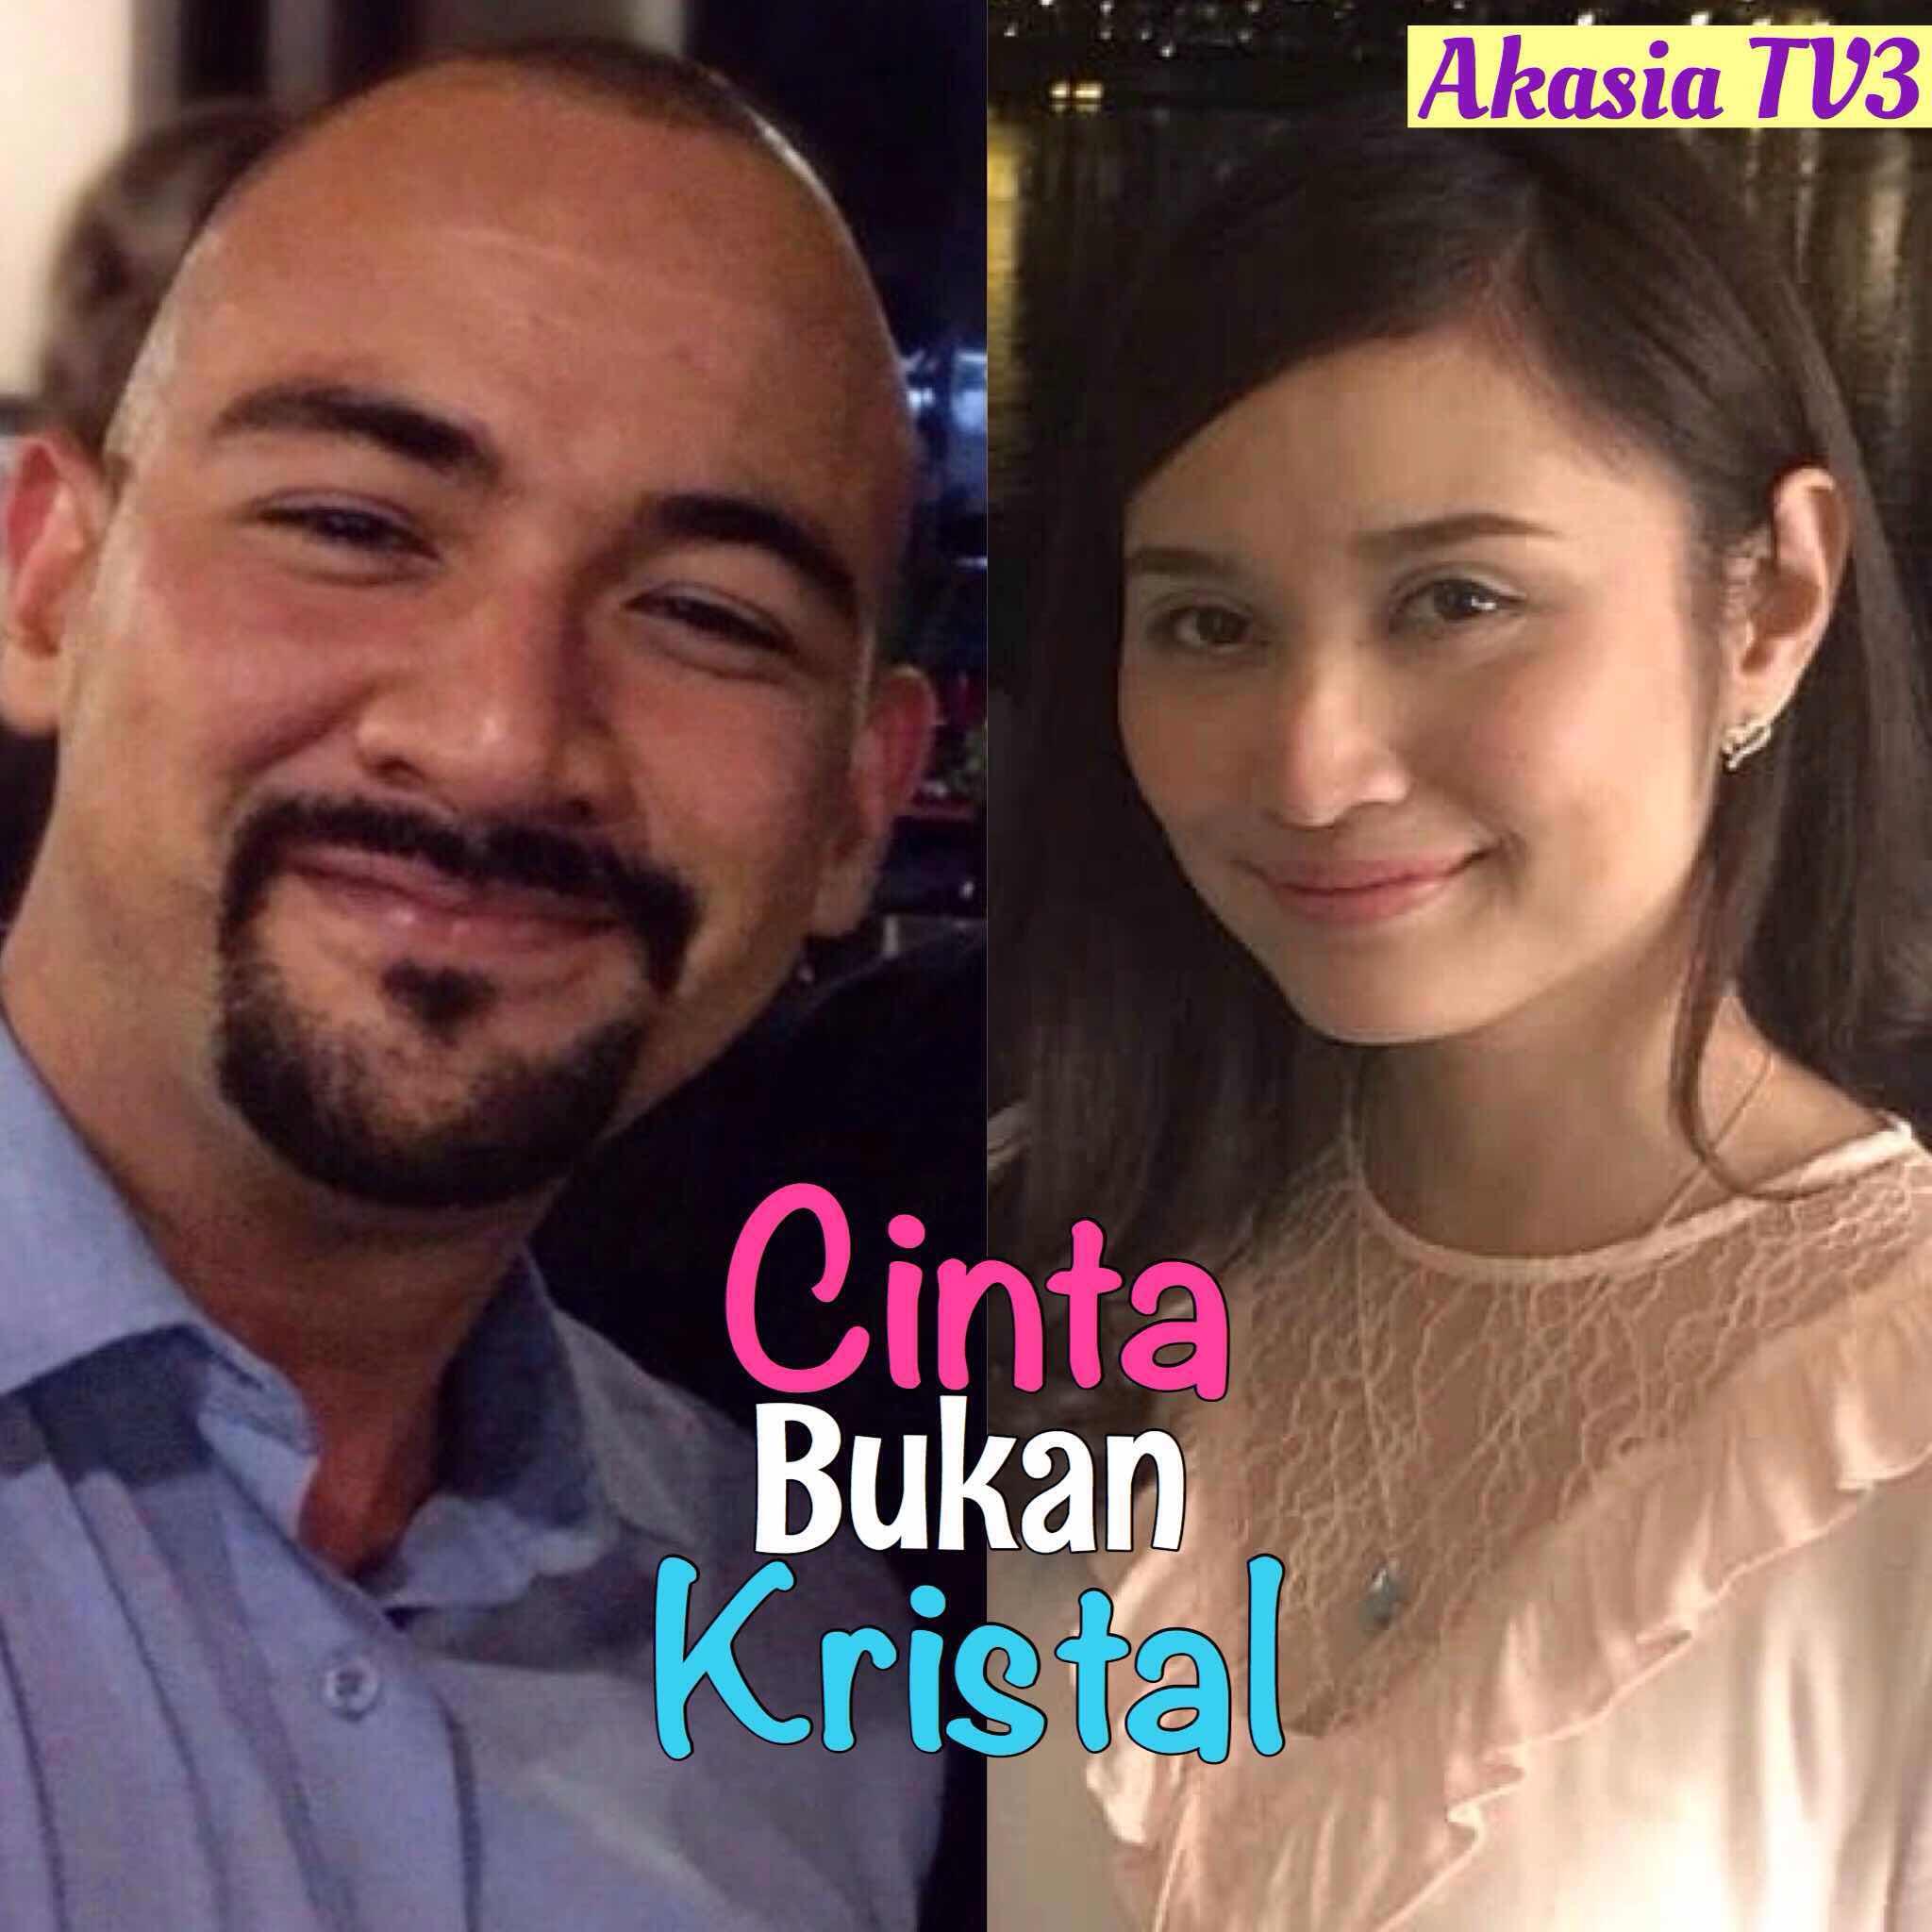 %255BUNSET%255D - Drama Cinta Bukan Kristal ganti Jangan Benci Cintaku (Akasia TV3)